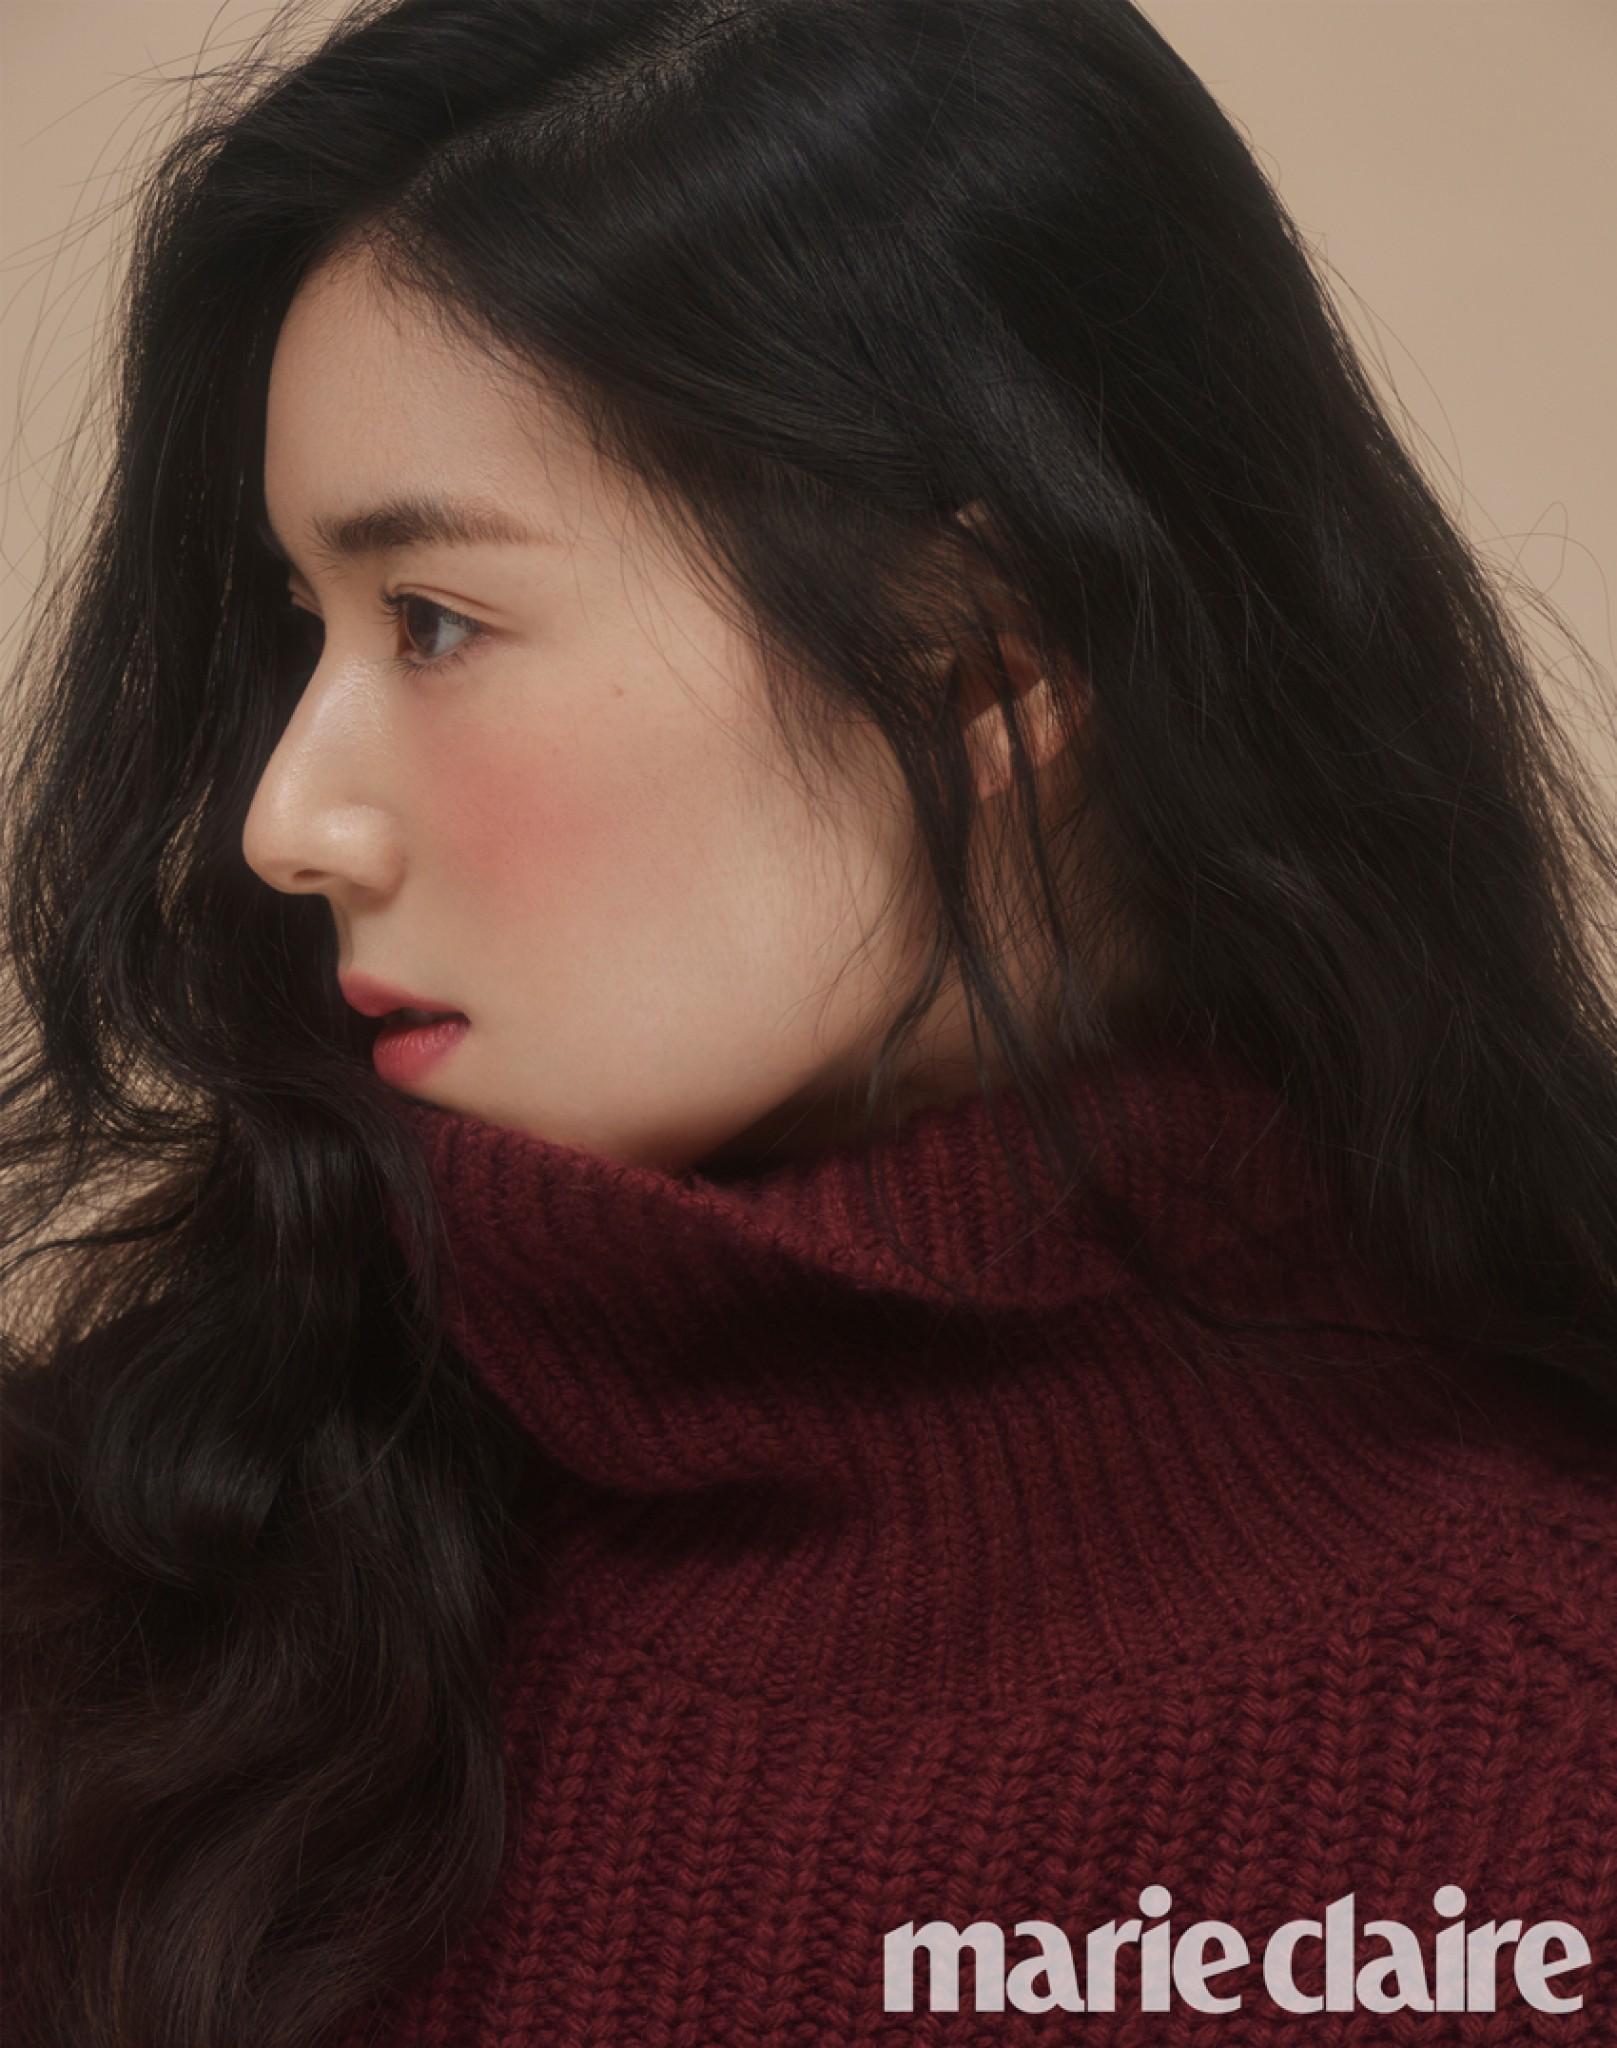 Nữ diễn viên U40 vô danh bỗng được chú ý: Trẻ khó tin, xinh như nữ thần Kpop, nhưng lại có thần thái minh tinh - Ảnh 10.